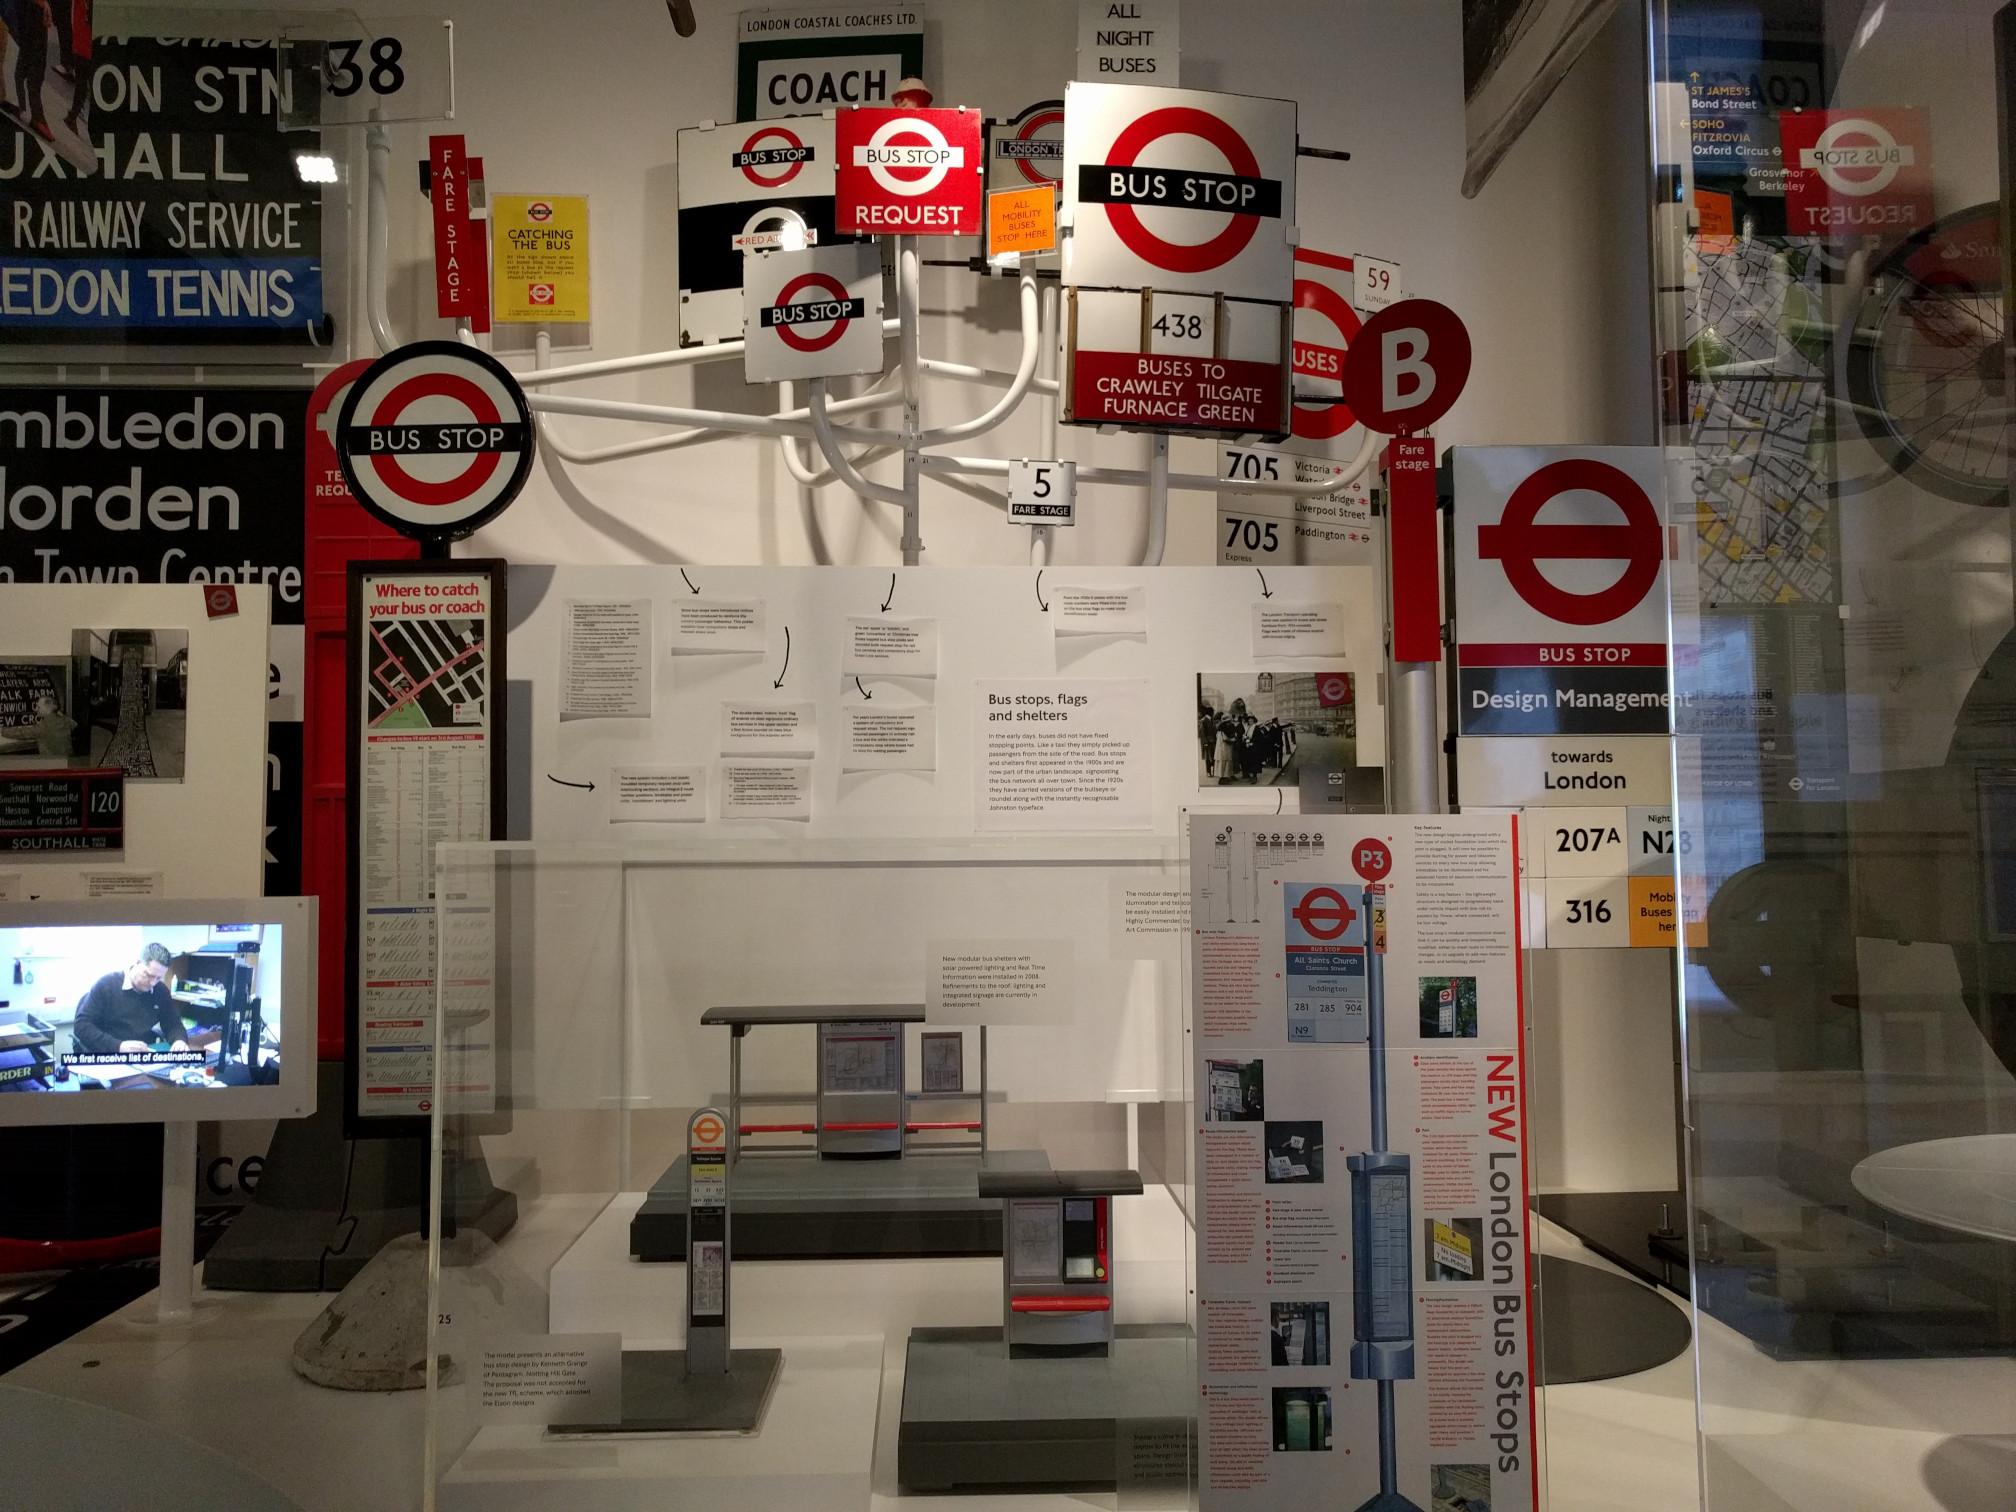 ללונדון כל כך חשוב העיצוב שהוא היה נושא לתערוכה שלמה במוזיאון התחבורה שלהם.